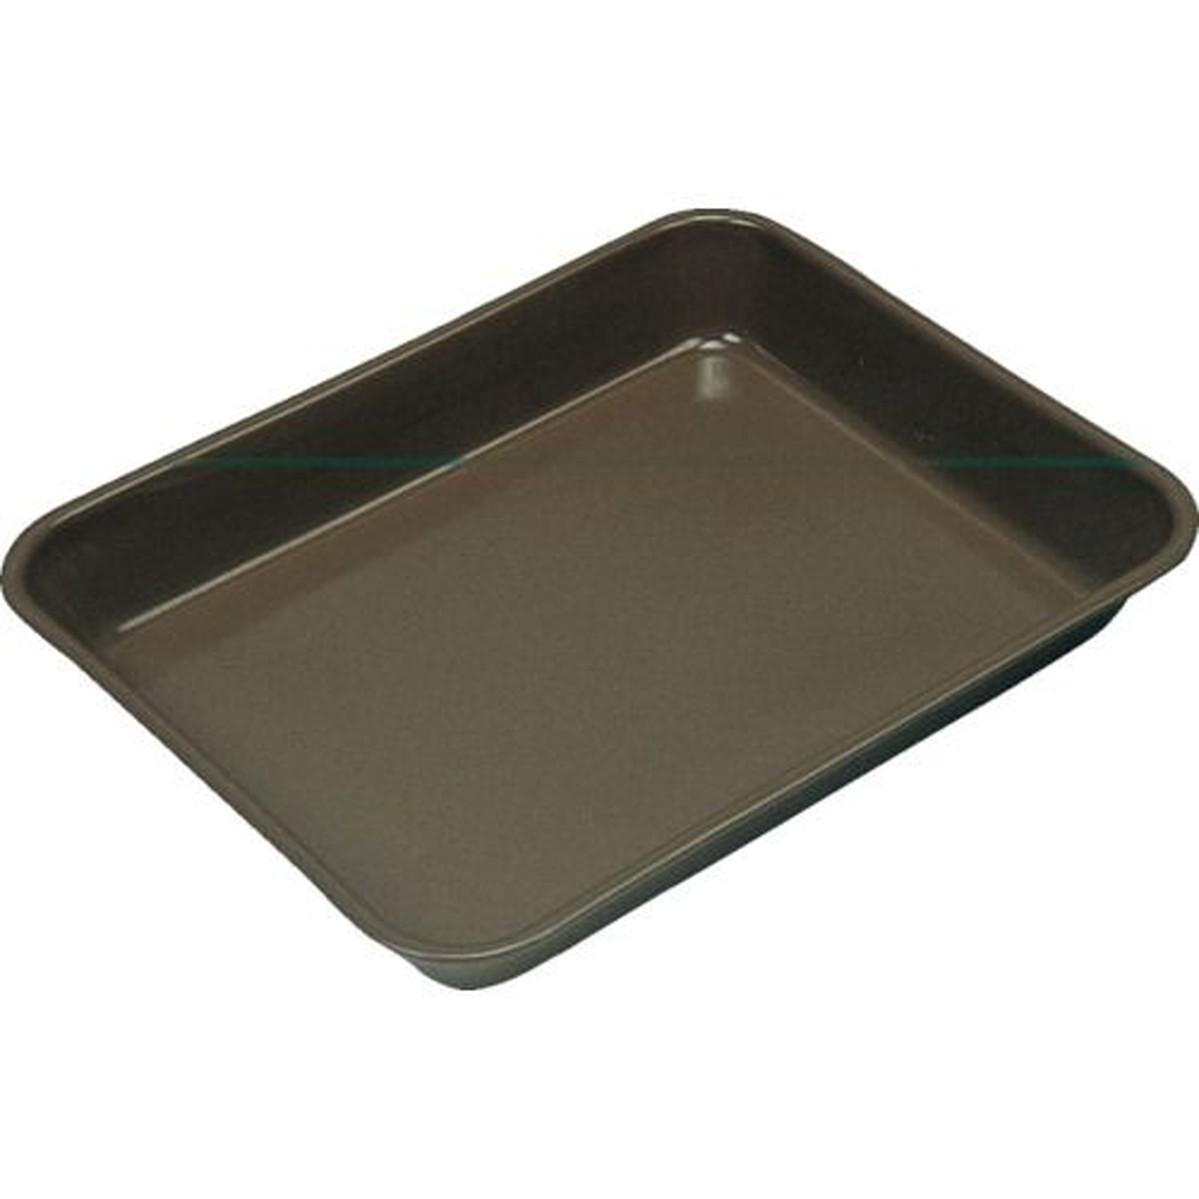 あす楽対応 DIY用品 高い素材 フロンケミカル フッ素樹脂コーティング中浅バット 膜厚約50μ 中浅8 デポー 1枚